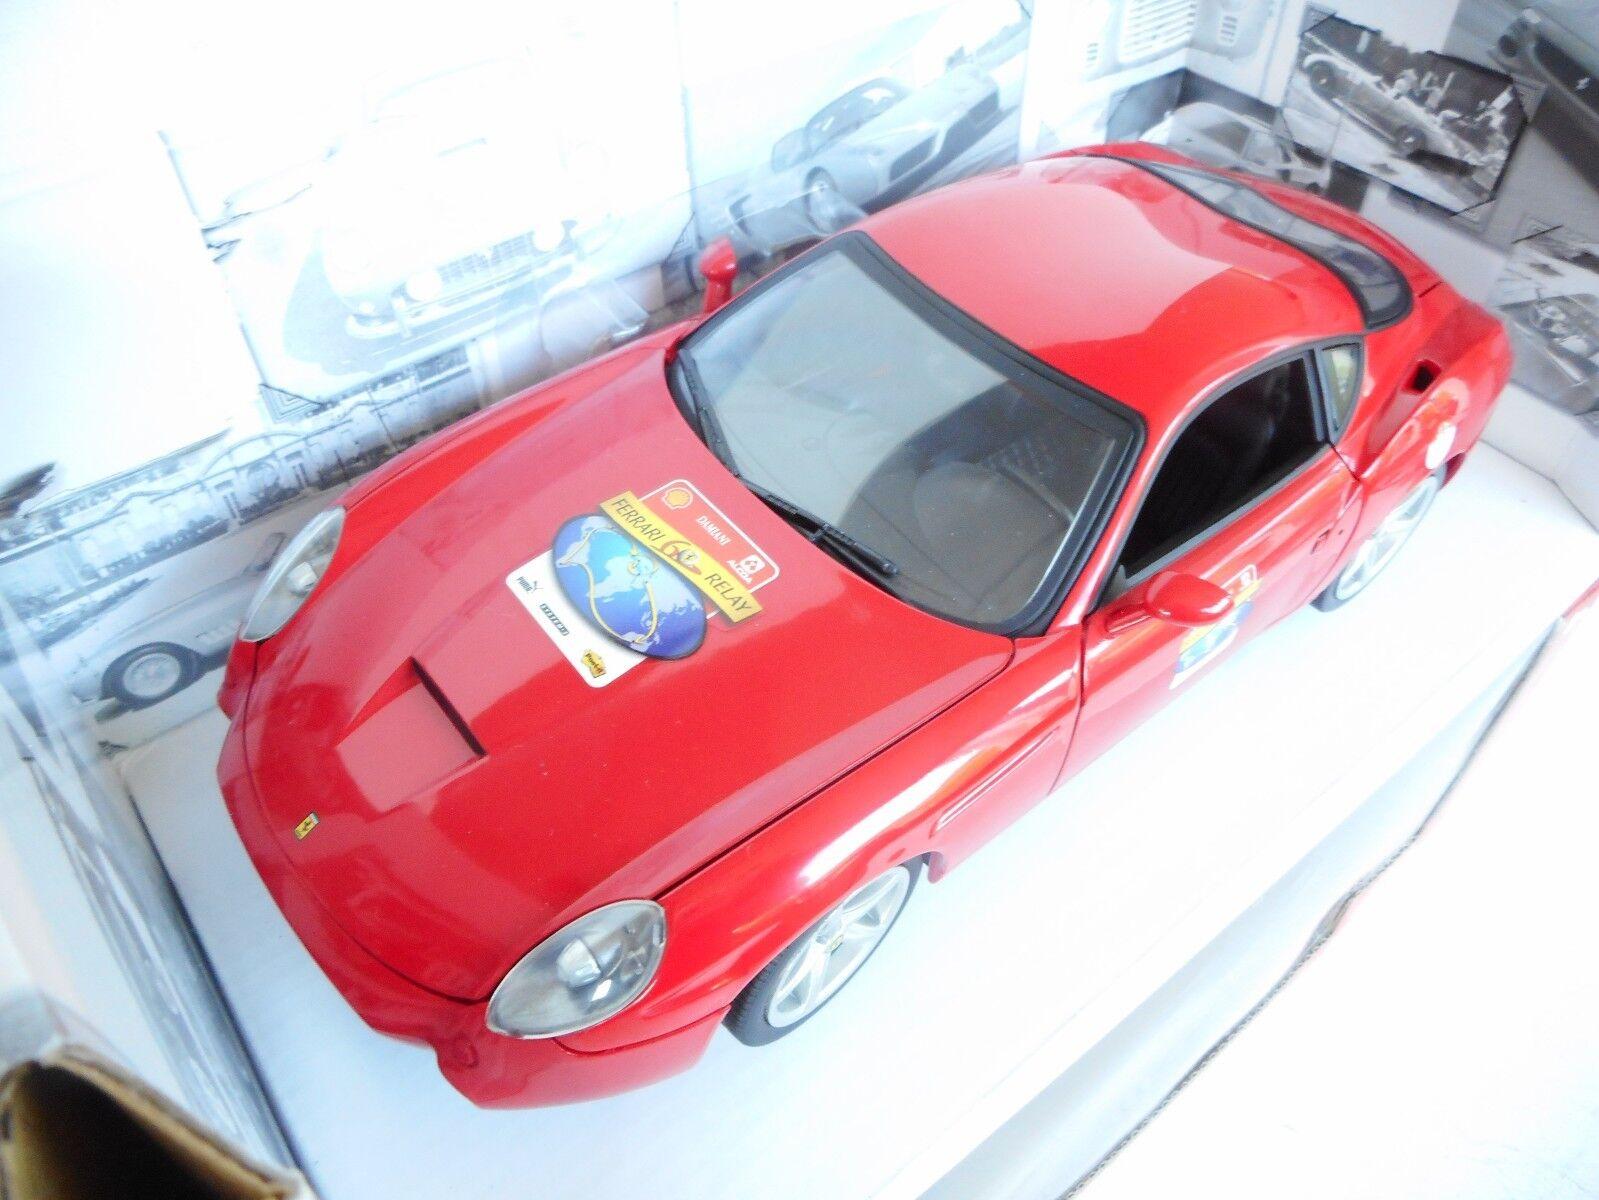 prezzi all'ingrosso Ferrari 575 GTZ Zagato 2006 2006 2006 rosso, modellolauto 1 18   Mattel - Caliente Ruedas M scatola  nessun minimo